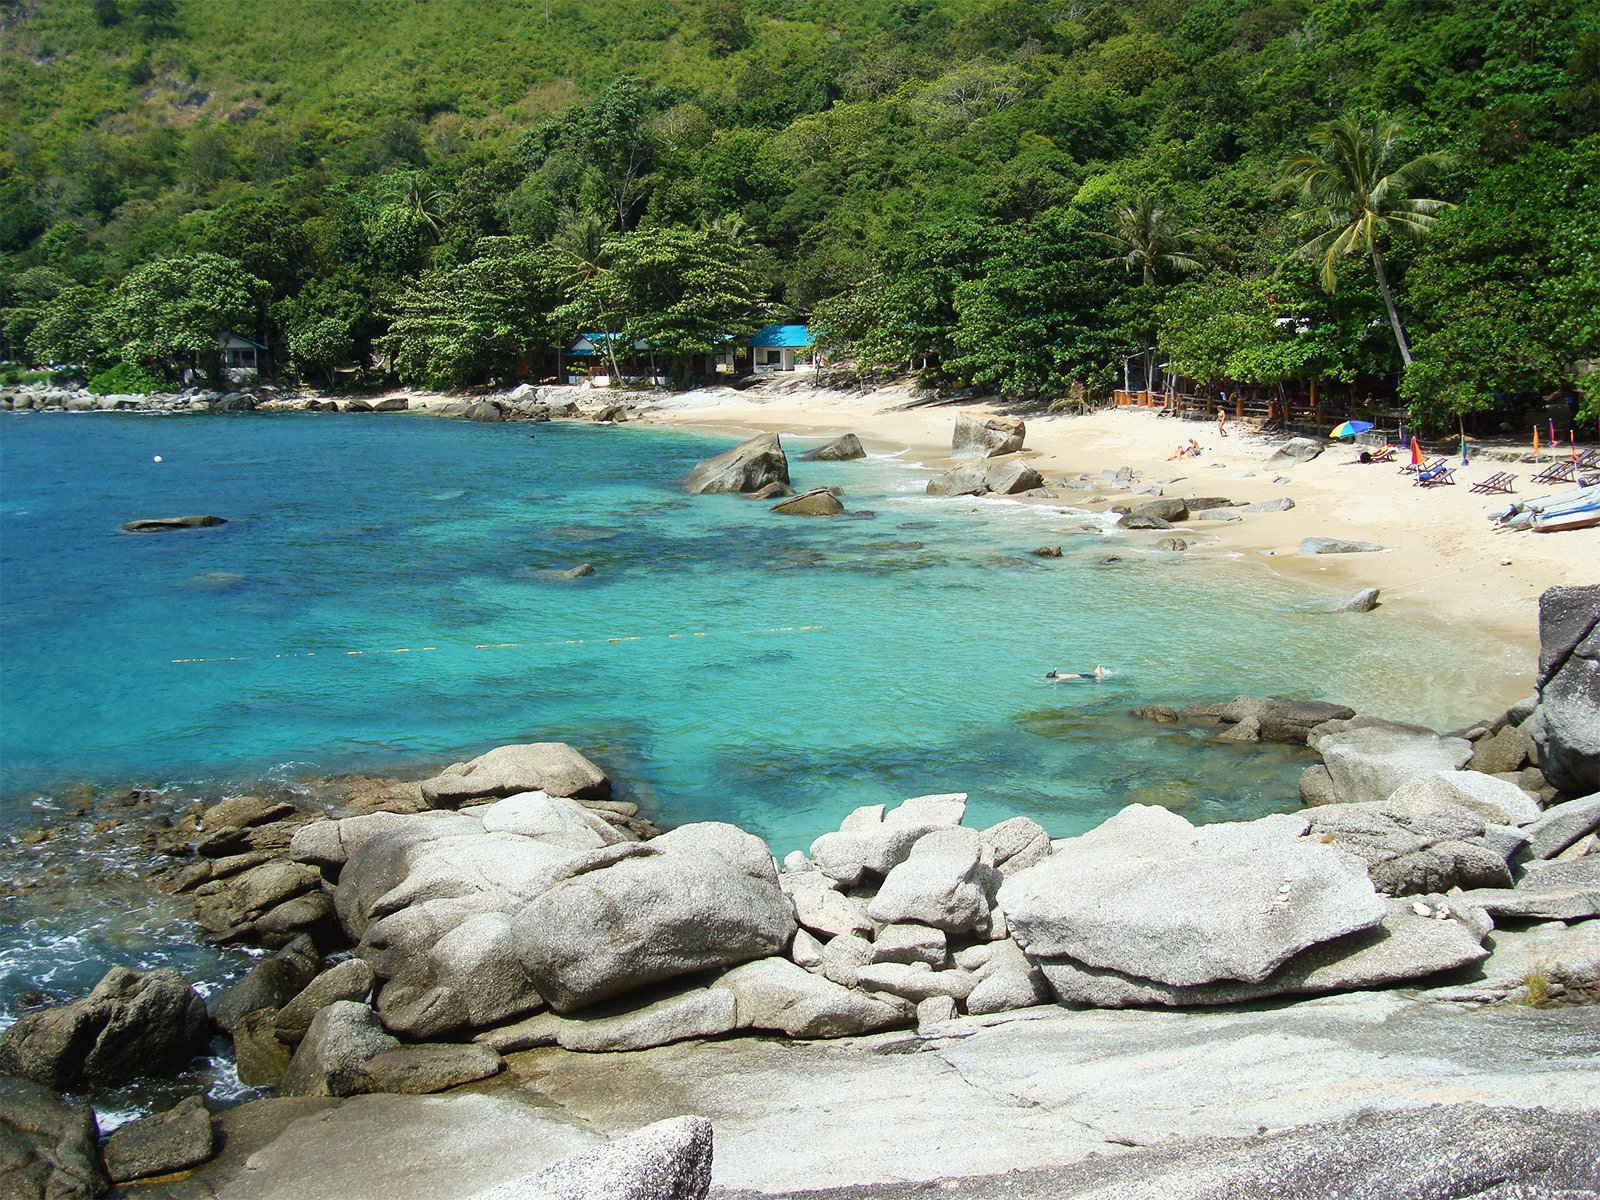 Текстильные пляжи фото 15 фотография